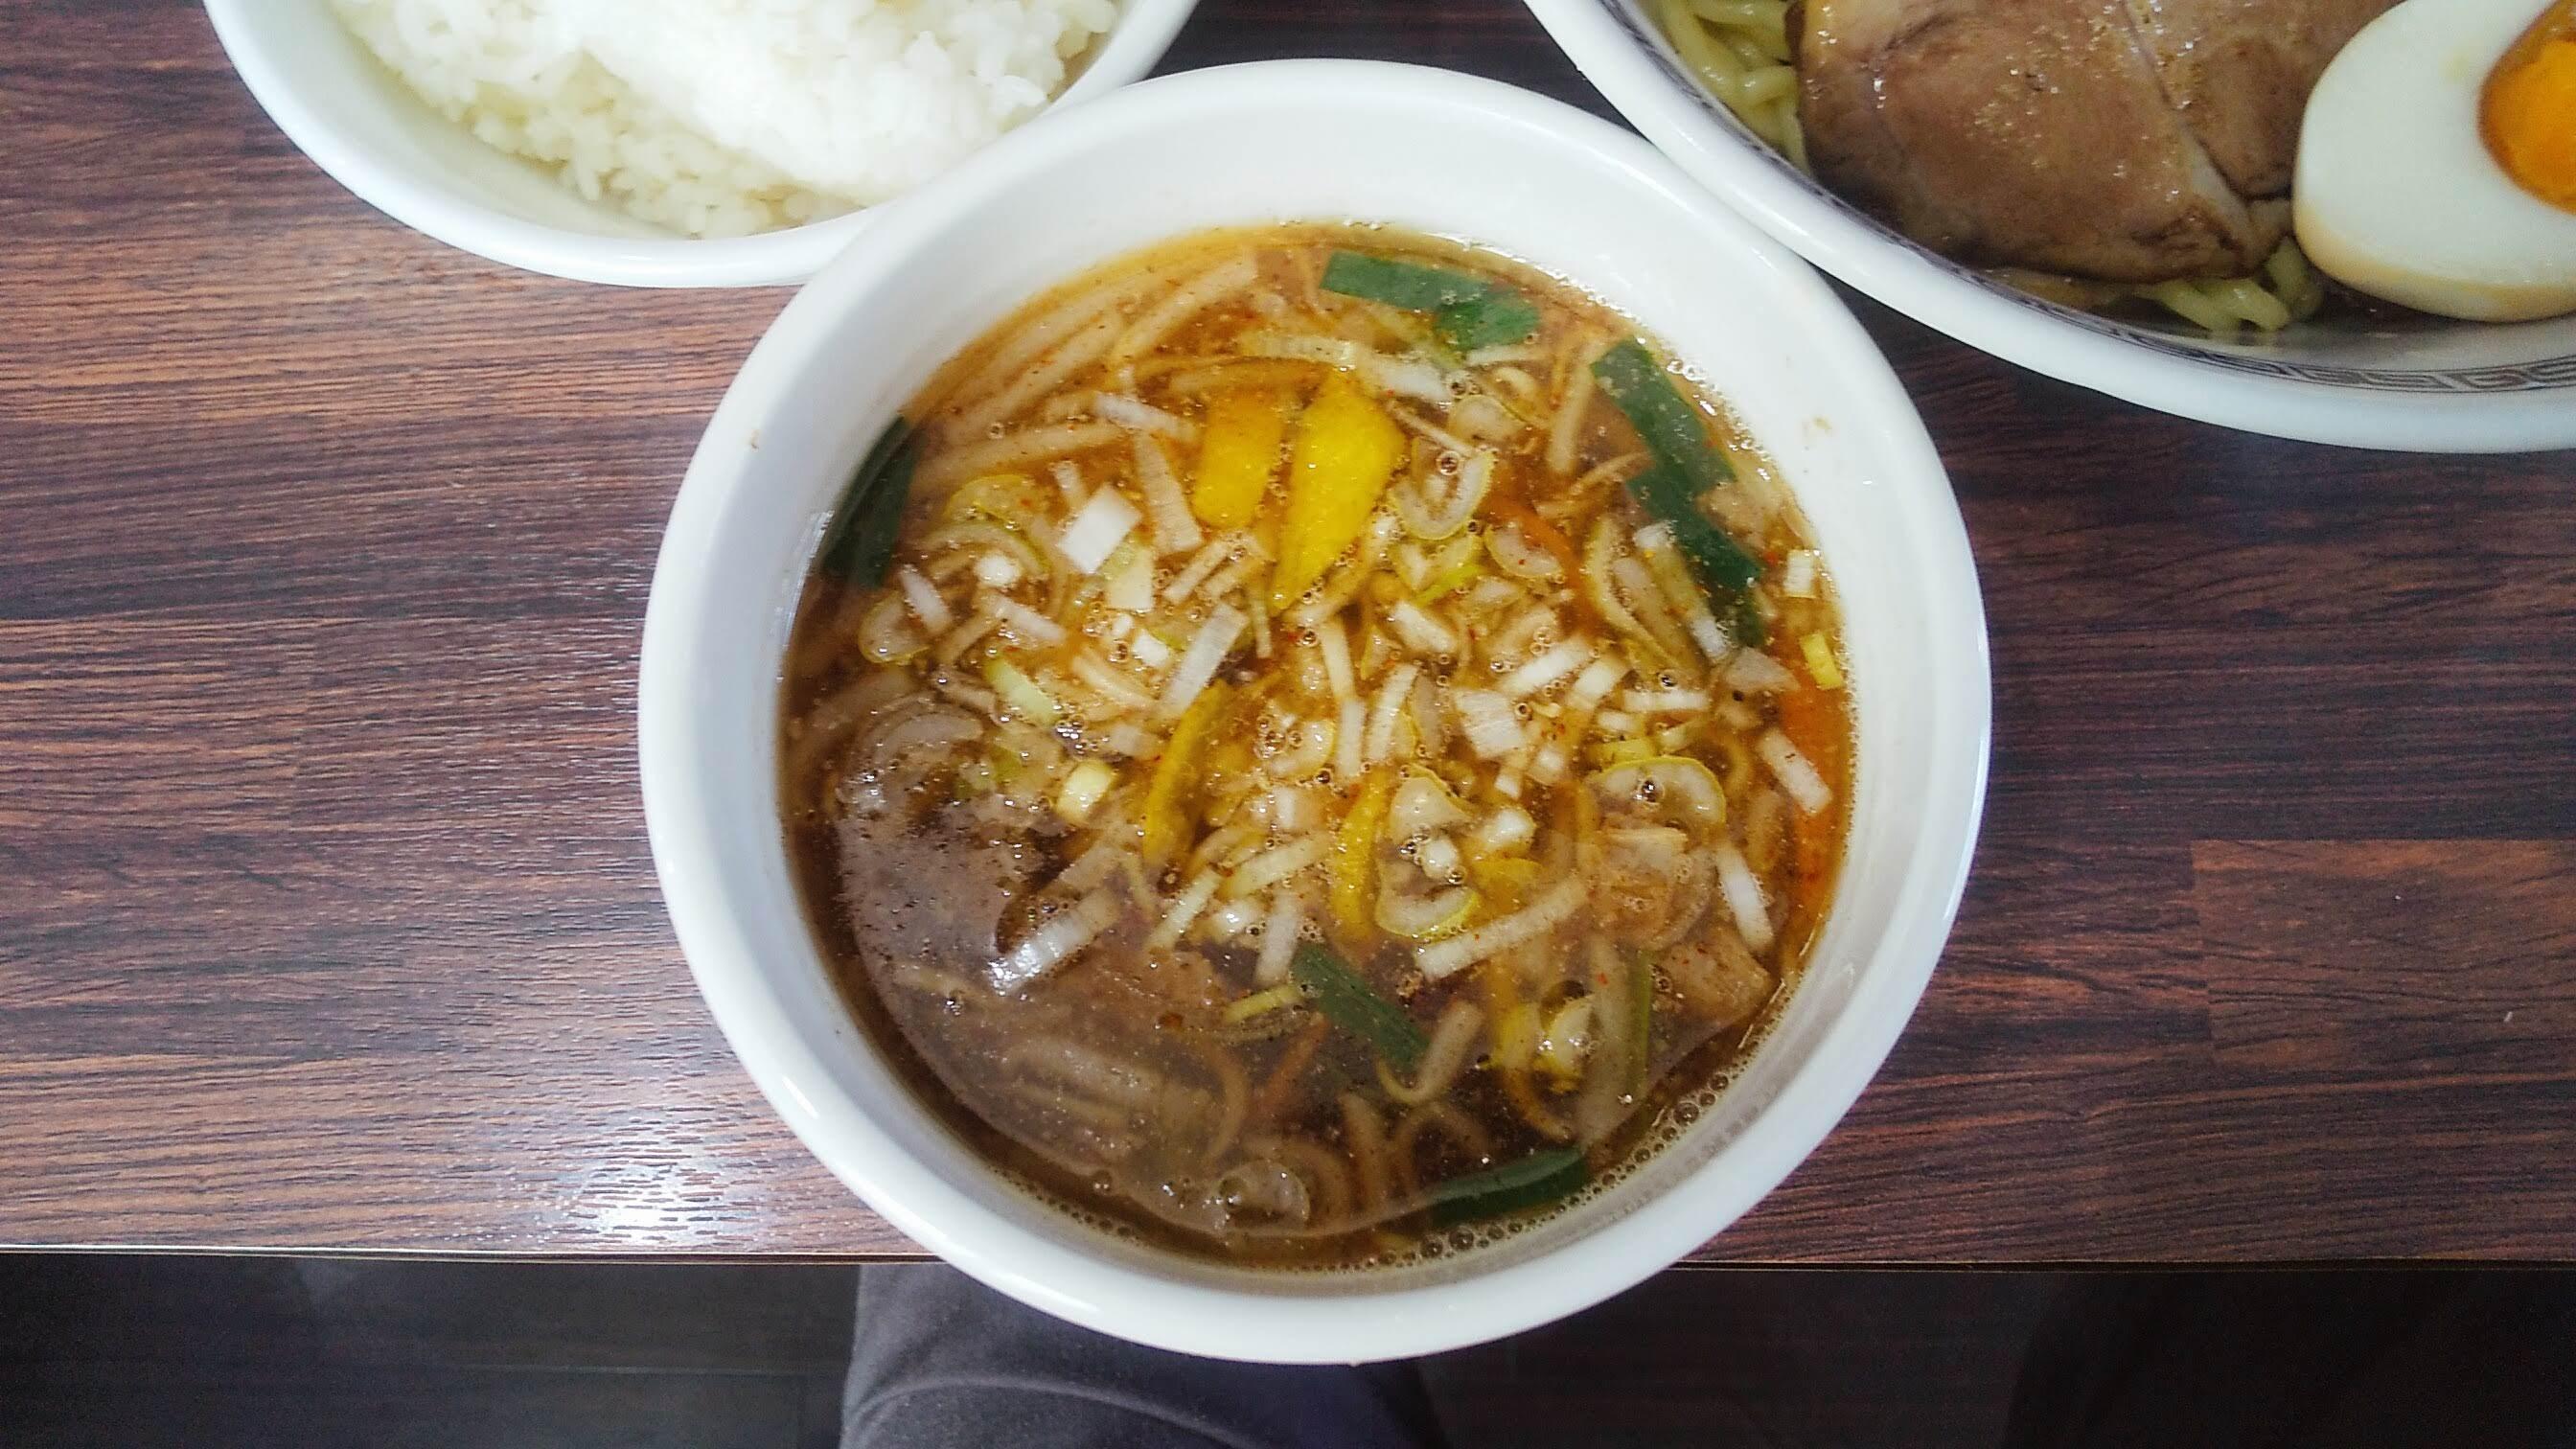 中華そば新のつけ麺のつけ汁の写真